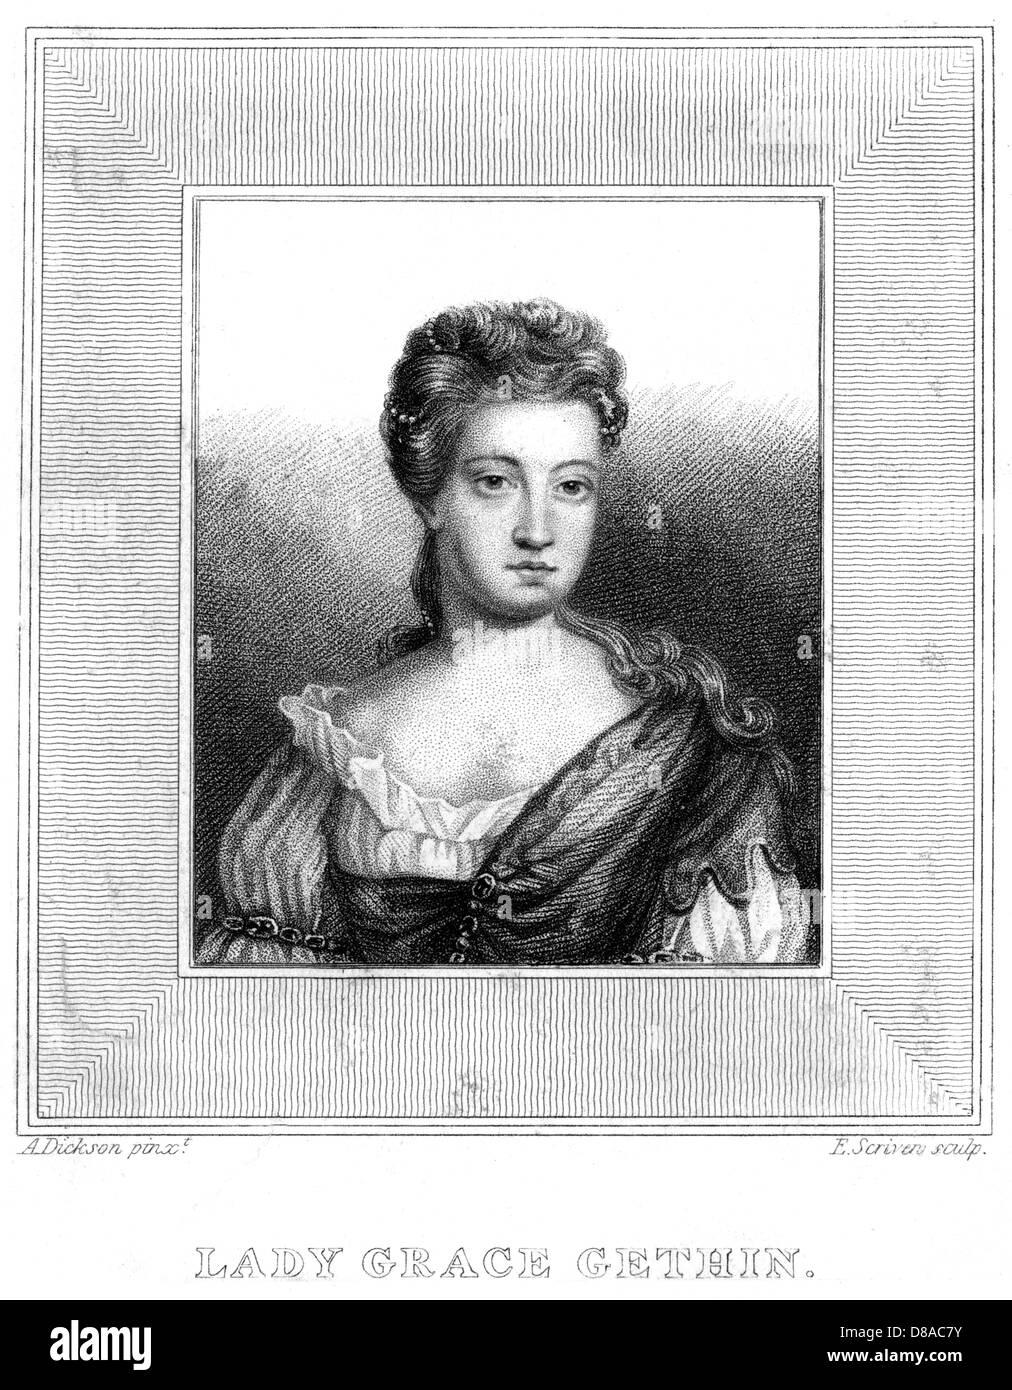 Lady Grace Gethin - Stock Image